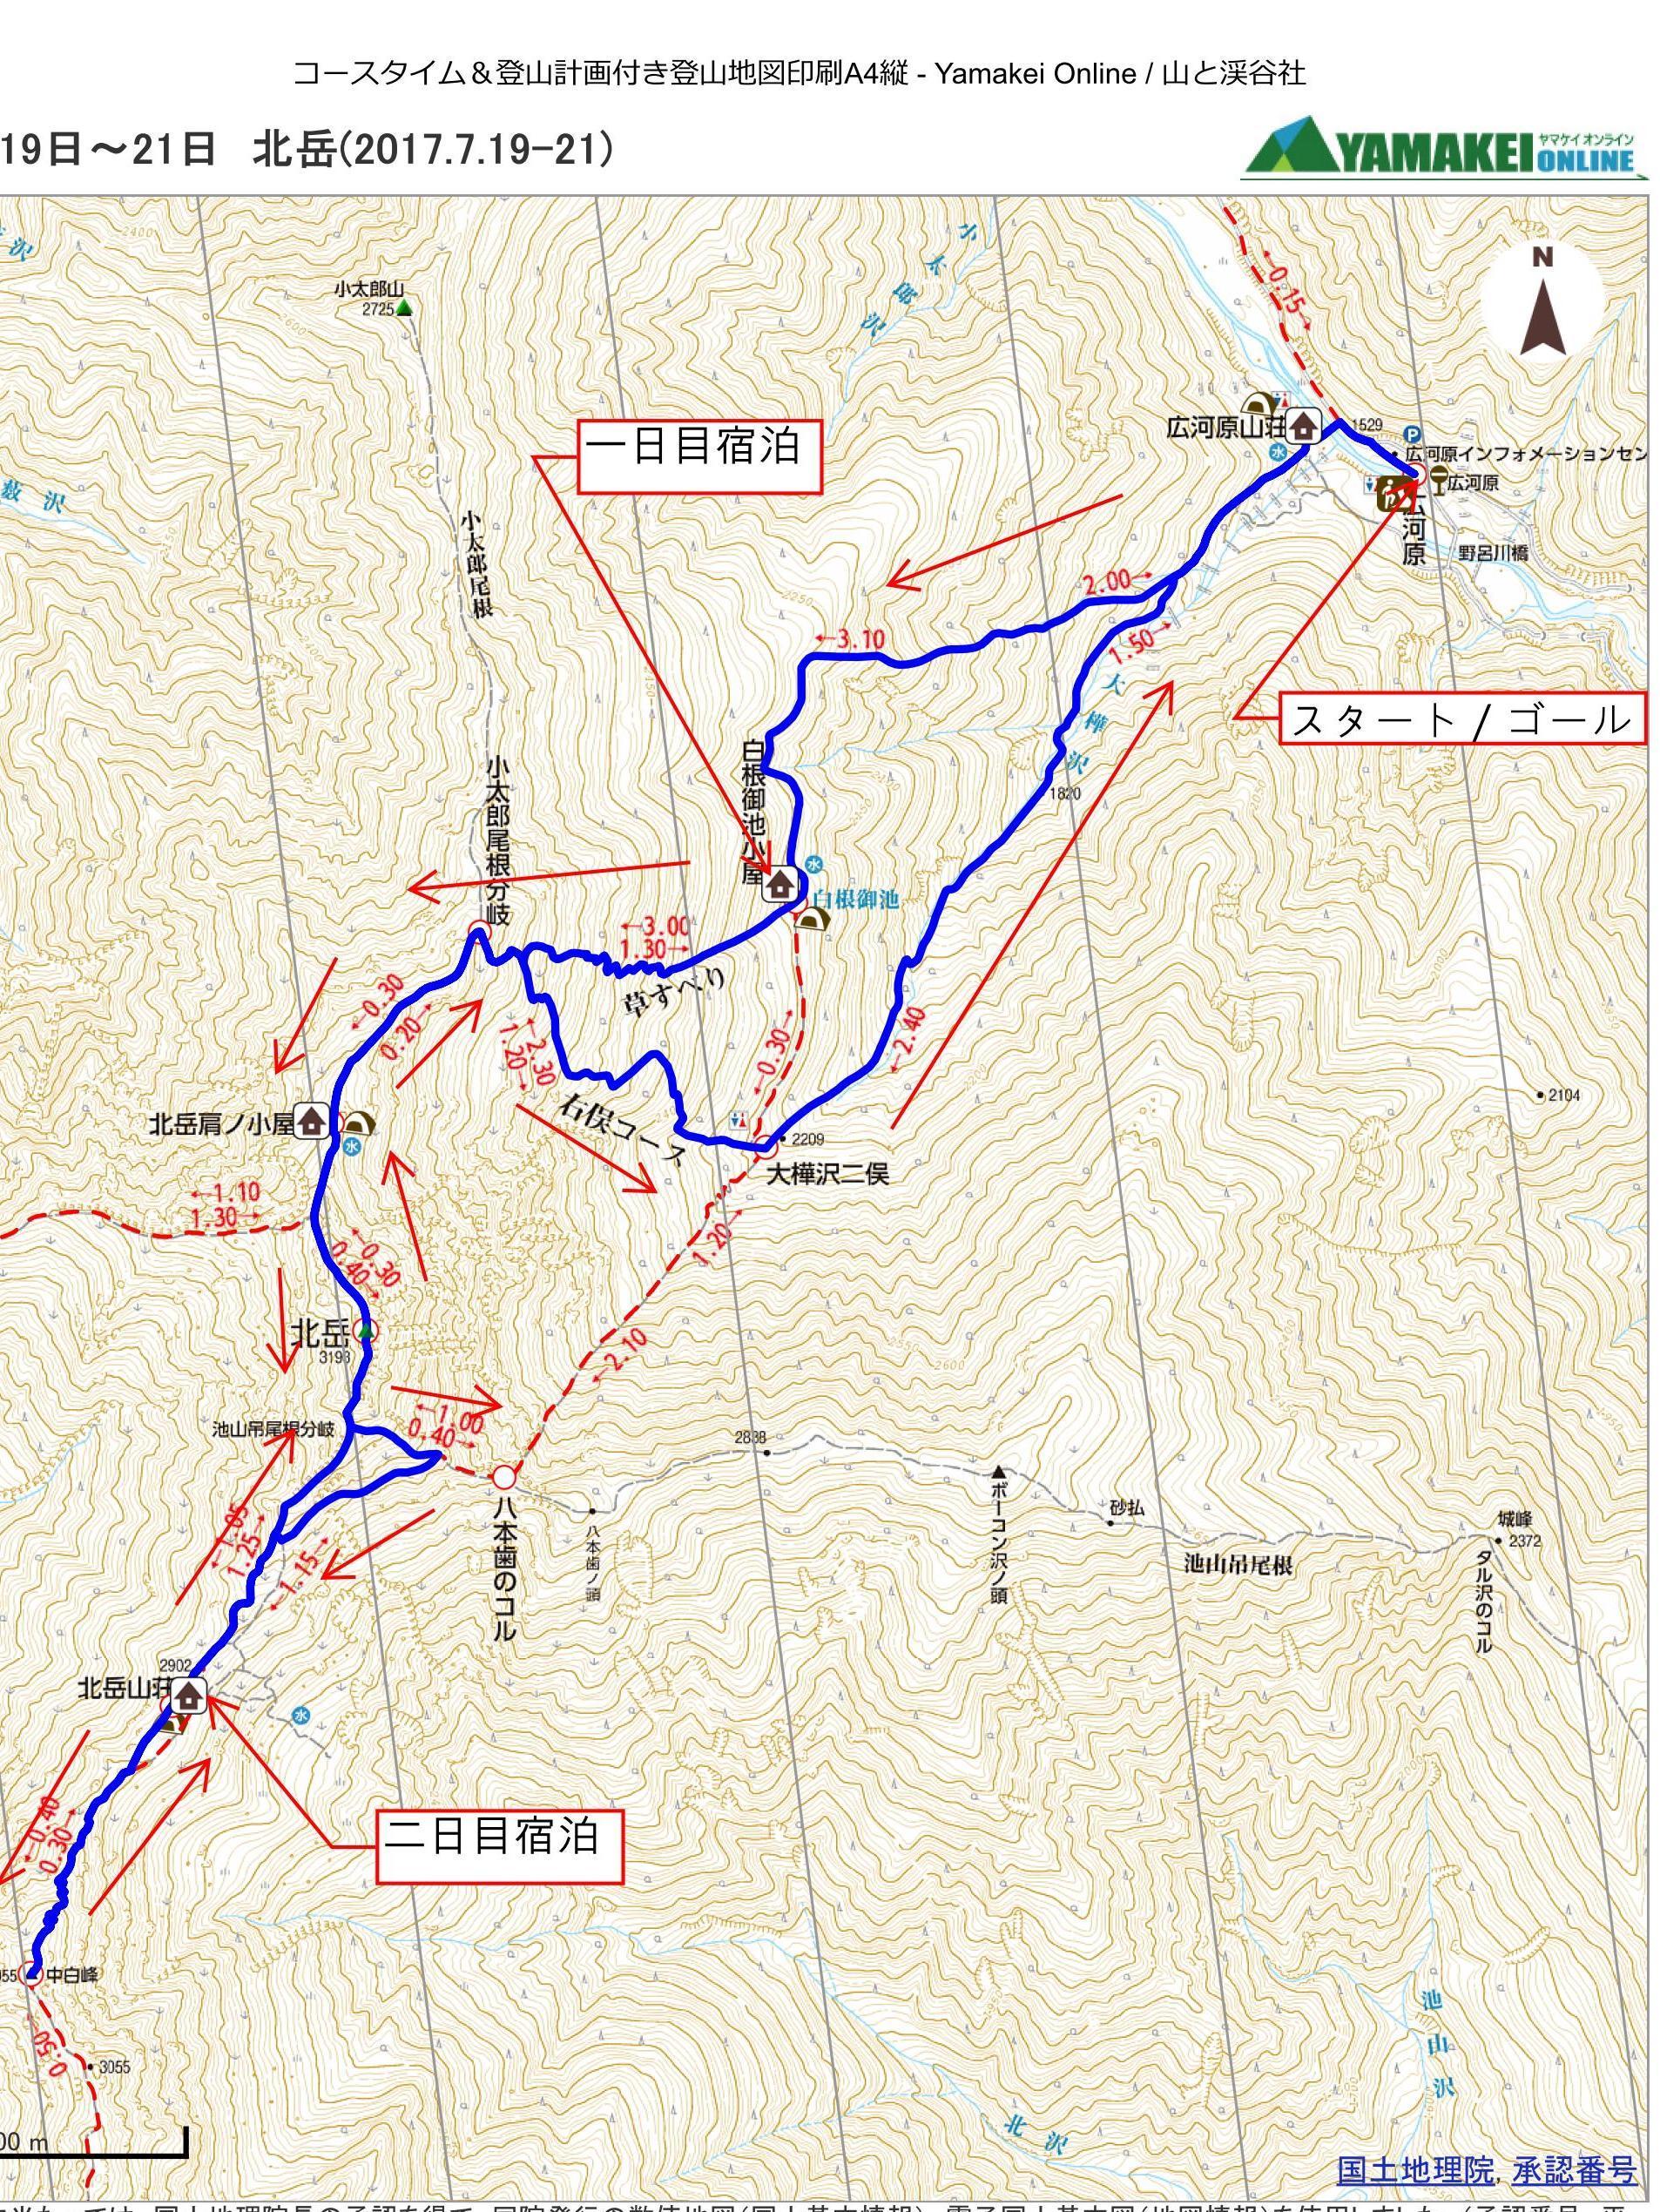 コースタイム&登山計画付き登山地図印刷A4縦 - Yamakei Online _ 山と渓谷社_01